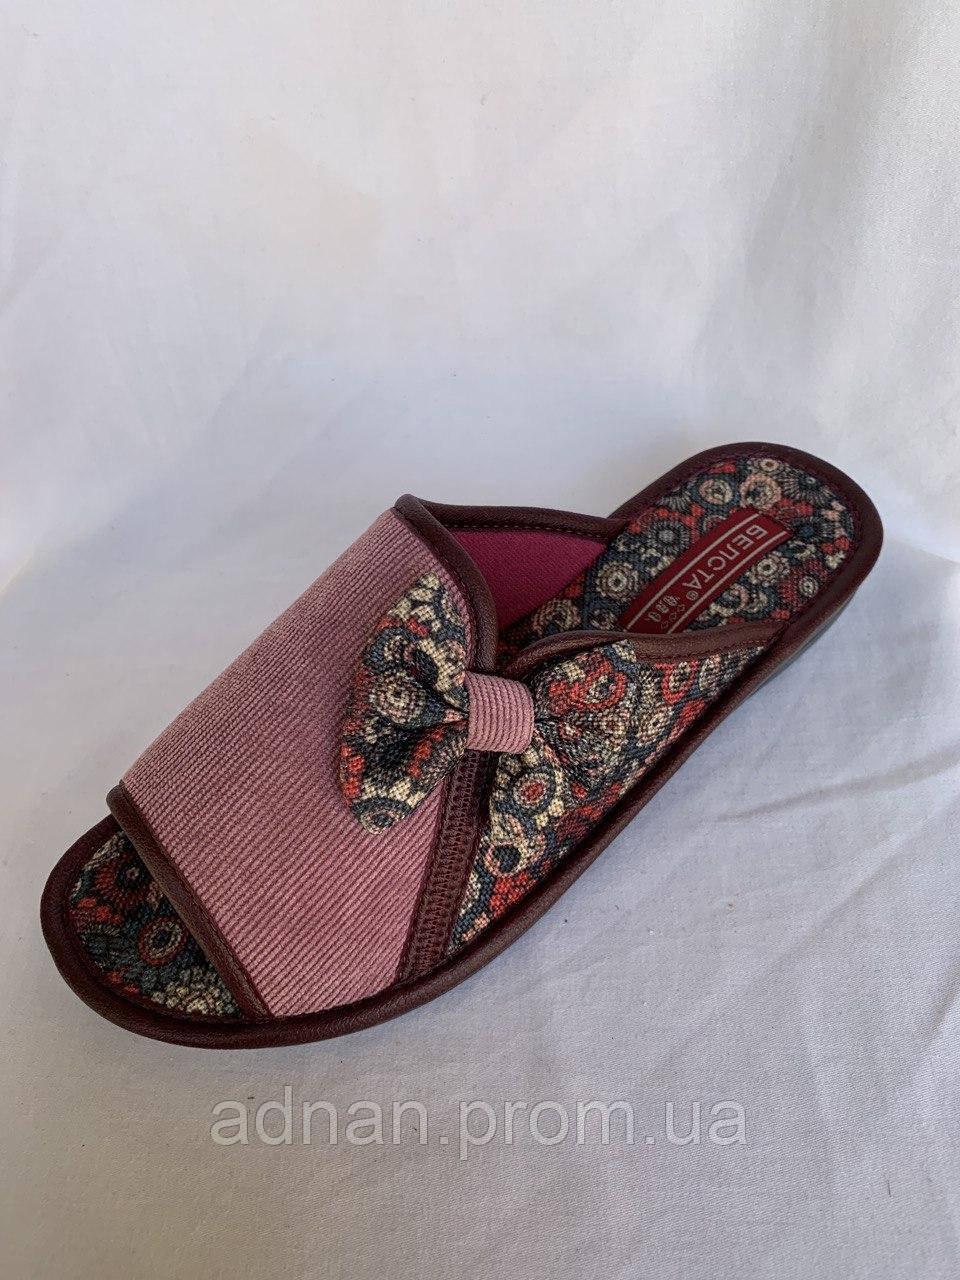 Тапочки женские БЕЛСТА открытые 6 пар в упаковке,003 Украина/ купить тапочки оптом